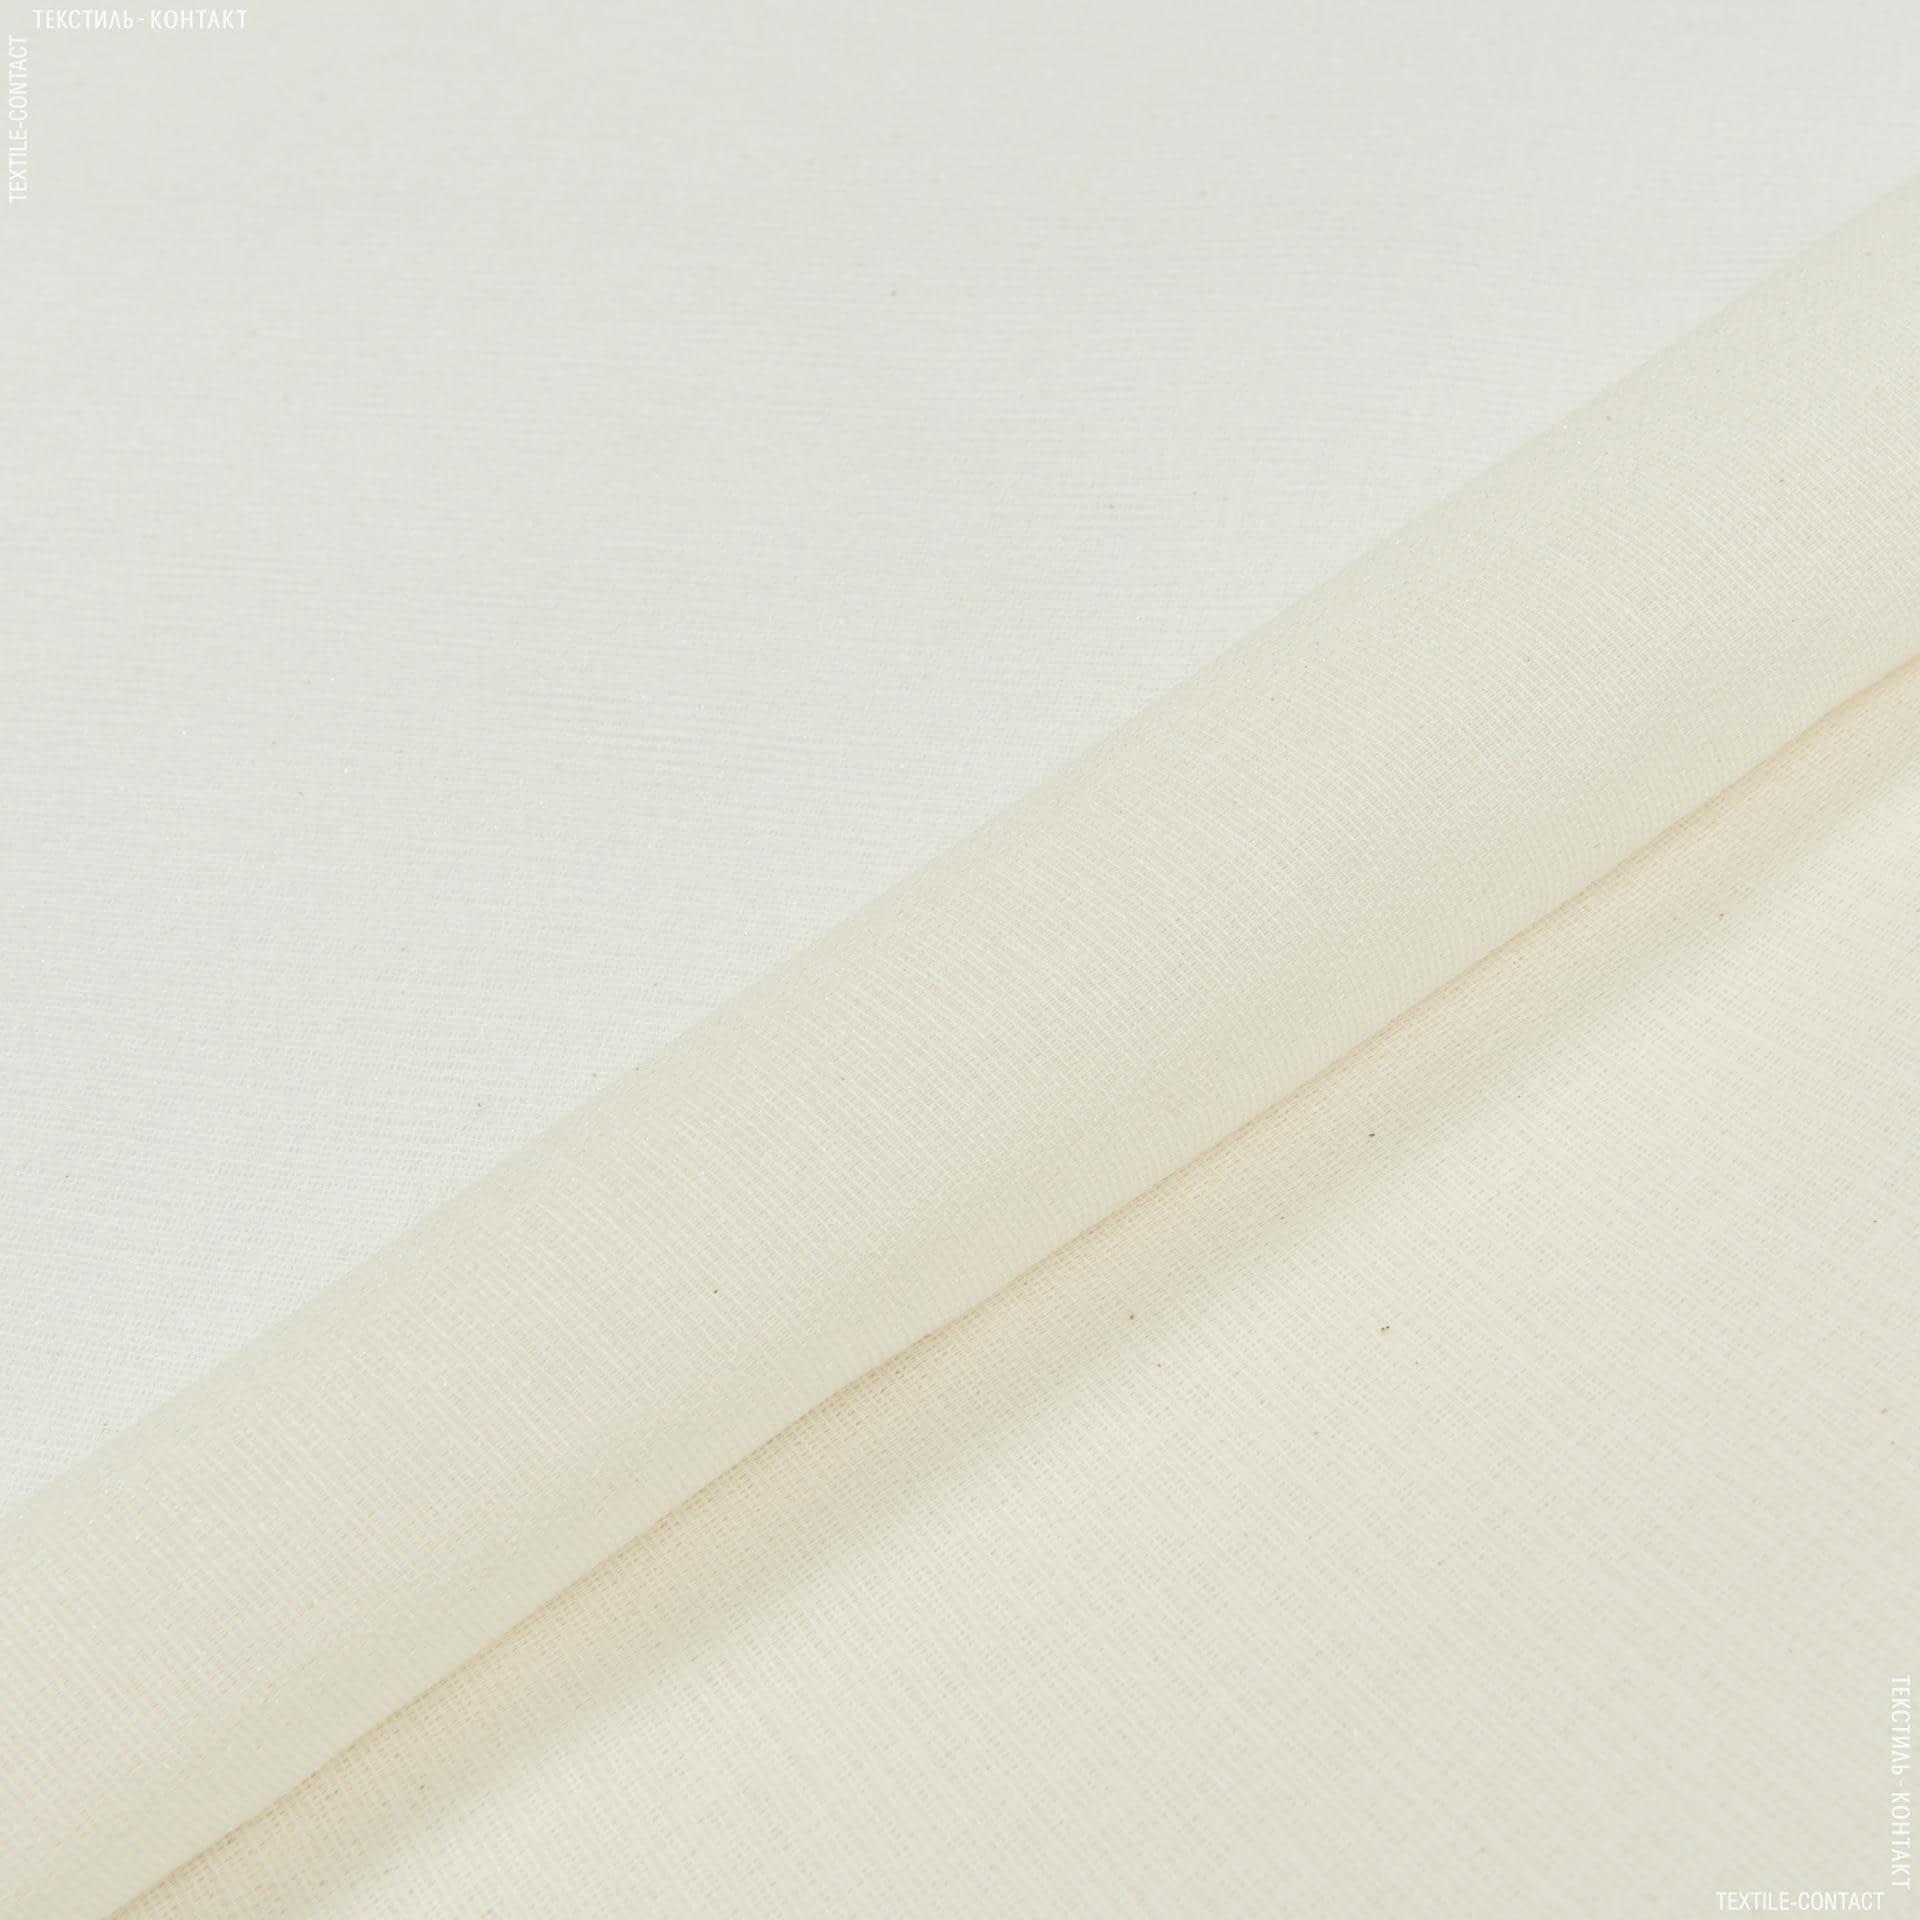 Тканини дублірин, флізелін - Дублірин ткан.  білий 100г/м